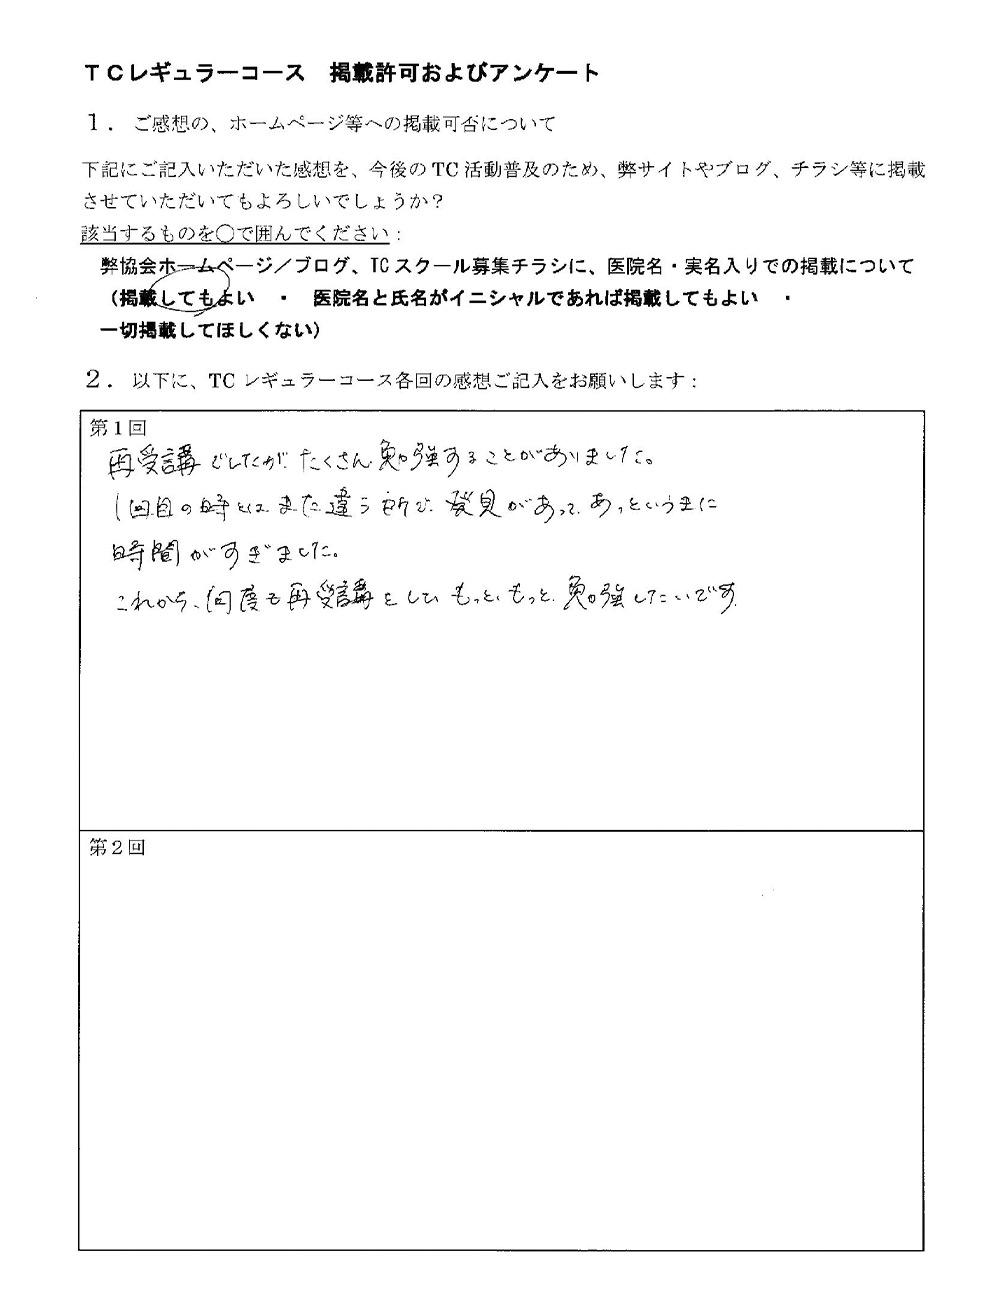 橋本 佳奈 様アンケート